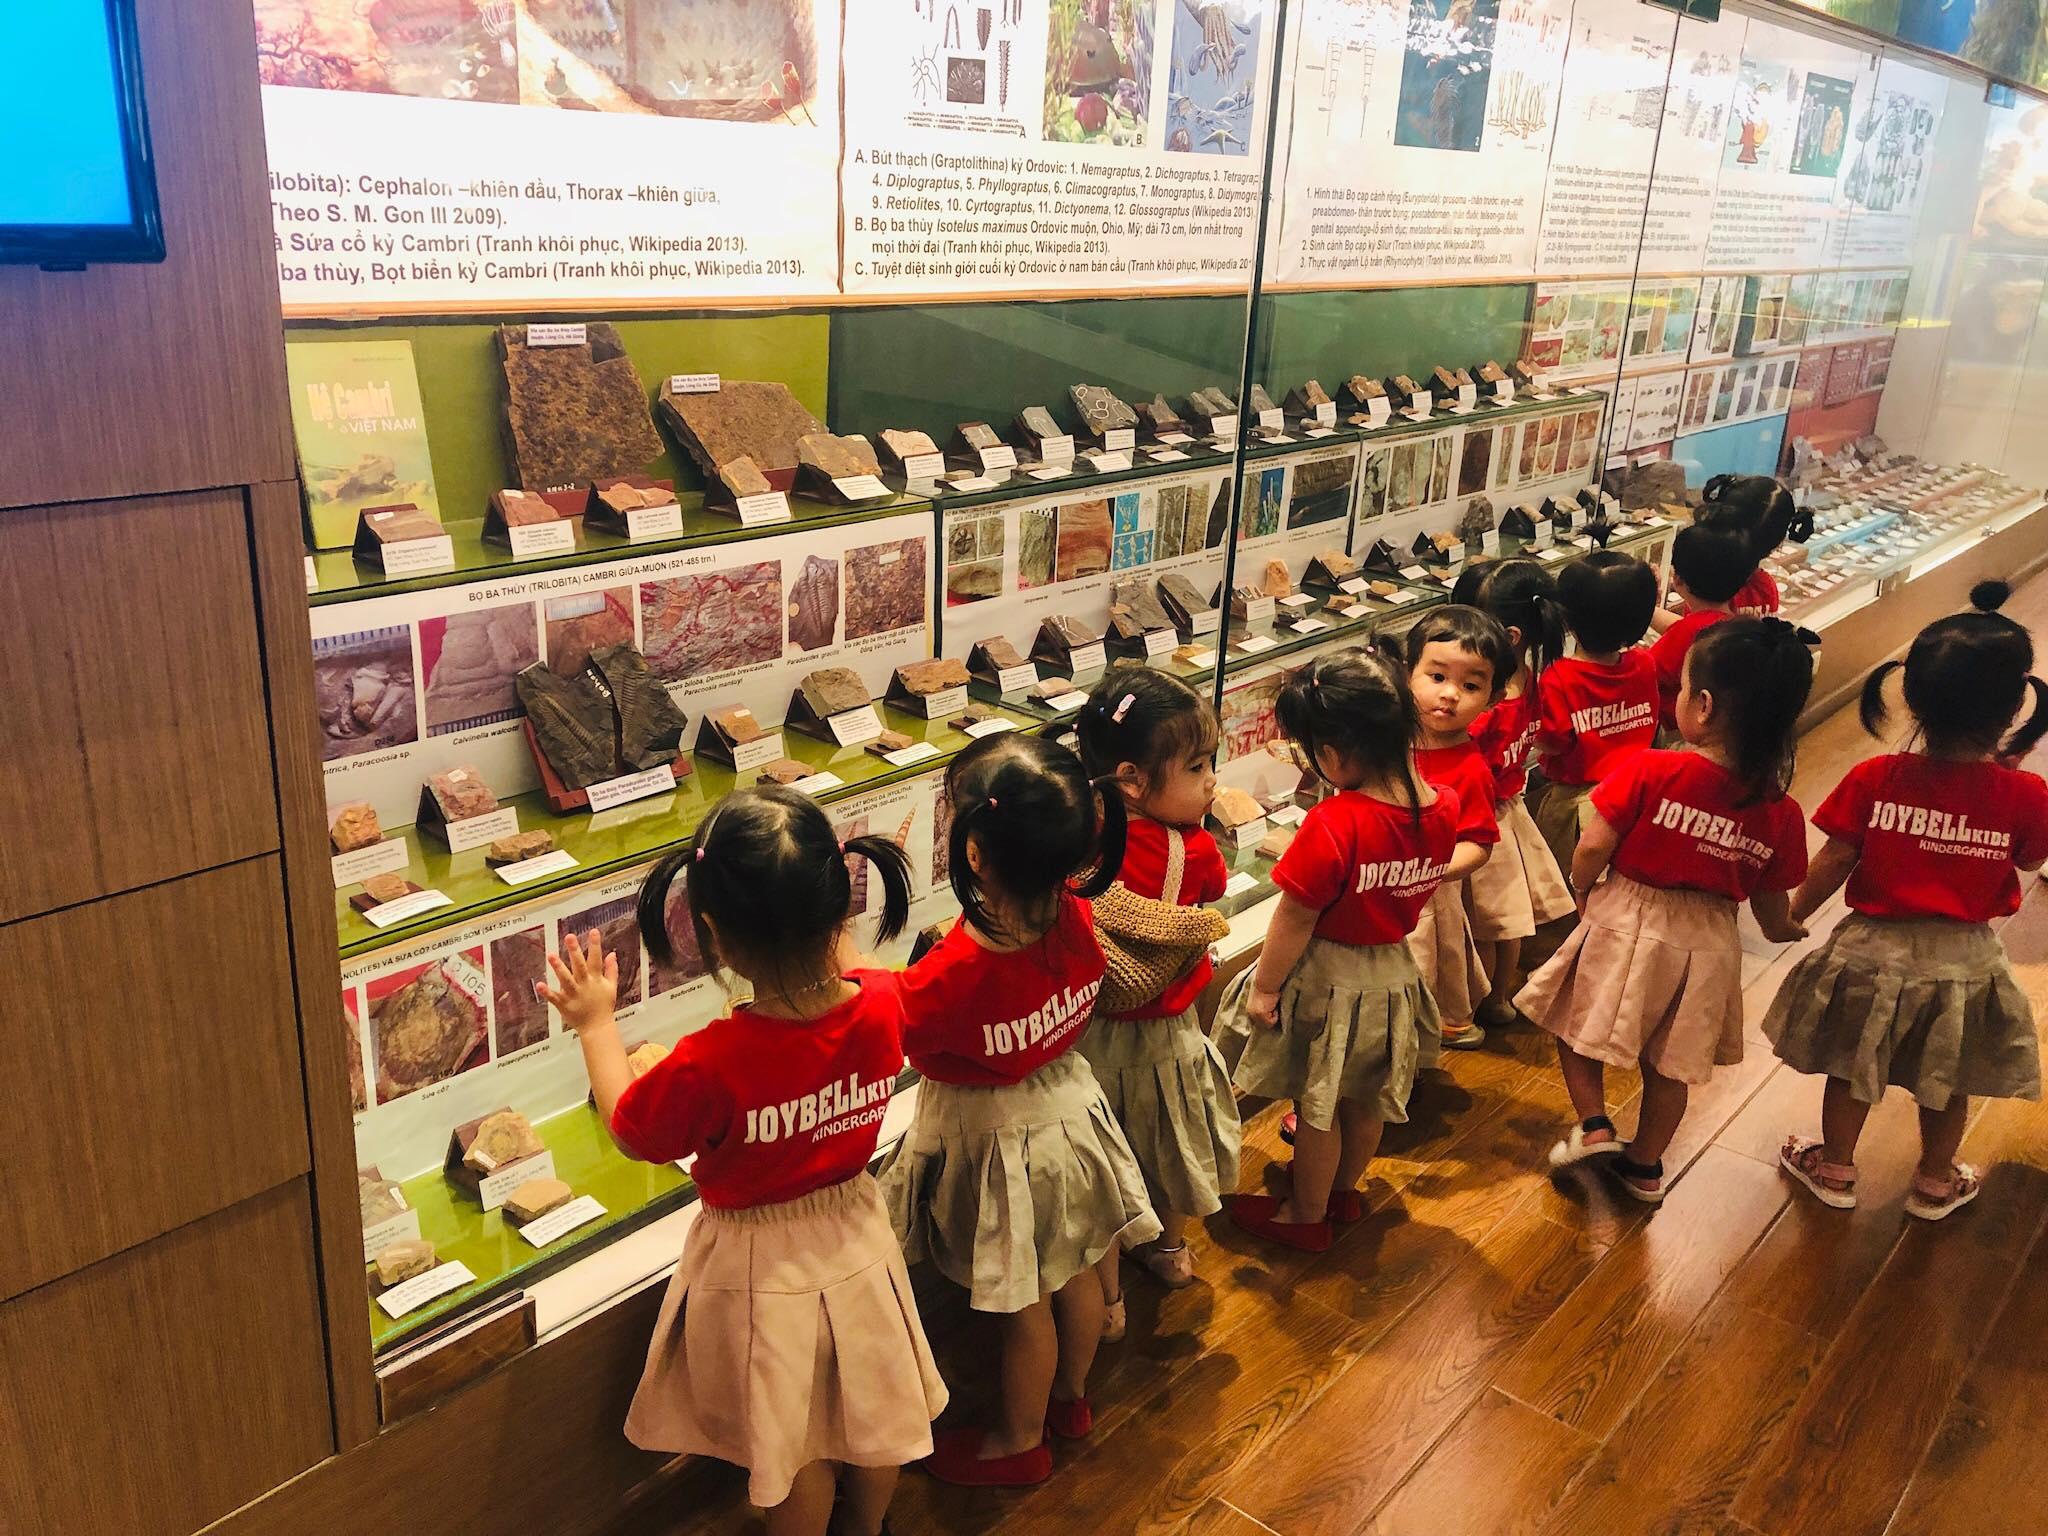 Trường mầm non cao cấp Chuông Nhỏ (JoyBell Kids) - Hoàng Cầu